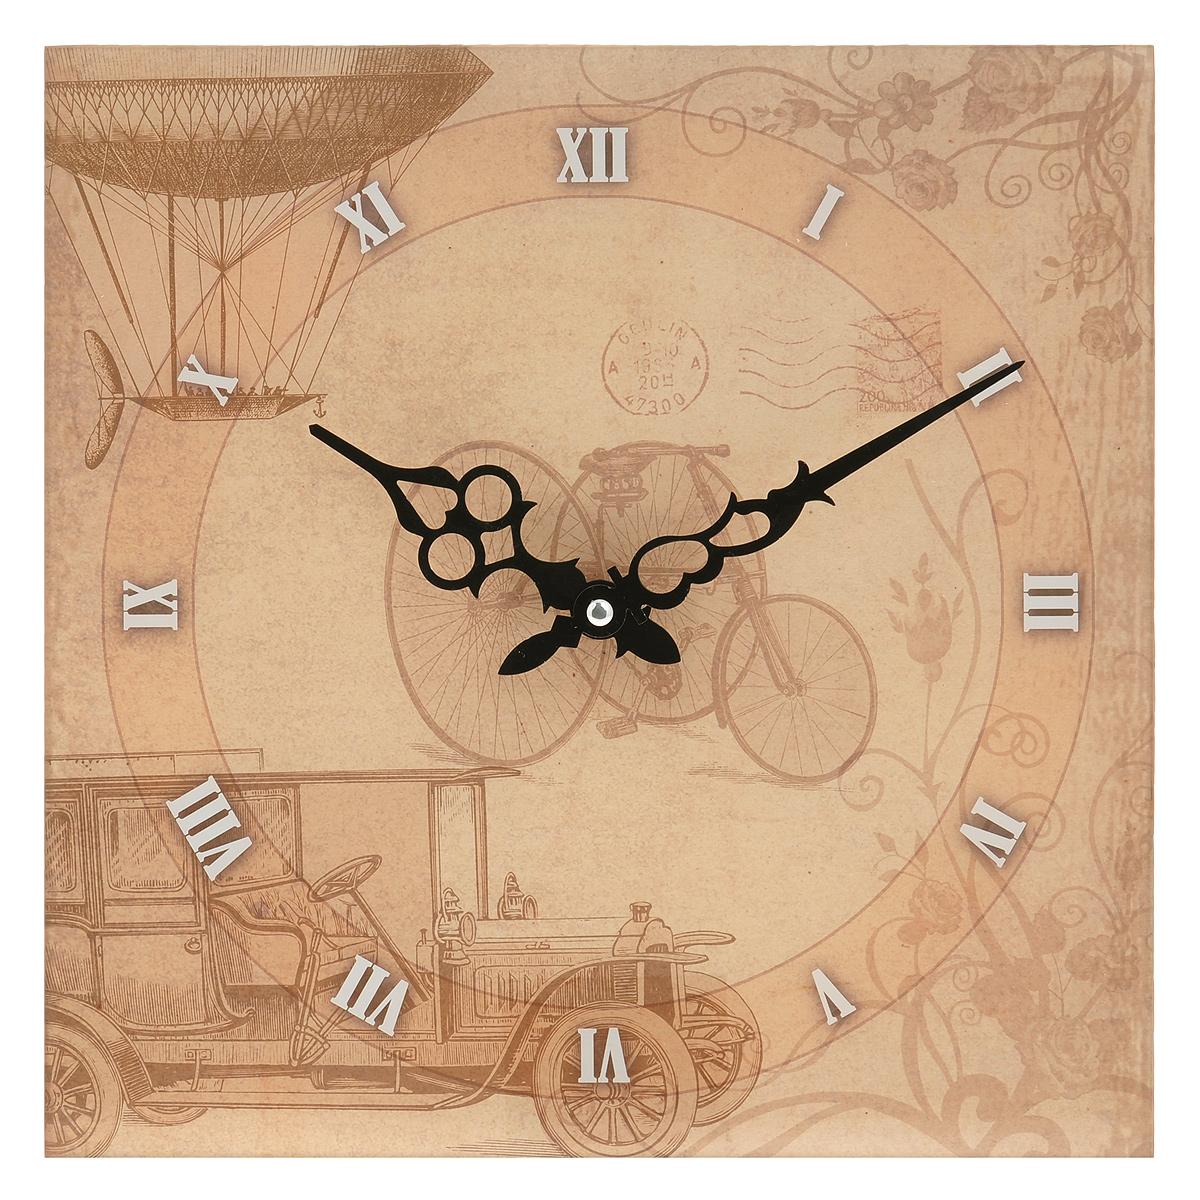 Часы настенные Велосипед, кварцевые. 27797904635Настенные кварцевые часы Велосипед своим эксклюзивным дизайном подчеркнут оригинальность интерьера вашего дома.Часы выполнены из стекла и оформлены изображением велосипеда и машины. Тип индикации - римские цифры. Часы имеют две фигурные стрелки - часовую и минутную. С задней стороны имеется петелька для подвешивания на стену.Для кухни, гостиной, прихожей или дачи -вы обязательно найдете ту модель, которая вам понравится. Часы работают от одной батарейки типа АА мощностью 1,5V (в комплект не входит).Диаметр циферблата: 26,5 см.Размер корпуса (ДхШ): 30 см х 30 см.Внимание! Уважаемые клиенты, обращаем ваше внимание на тот факт, что циферблат часов не защищен стеклом!